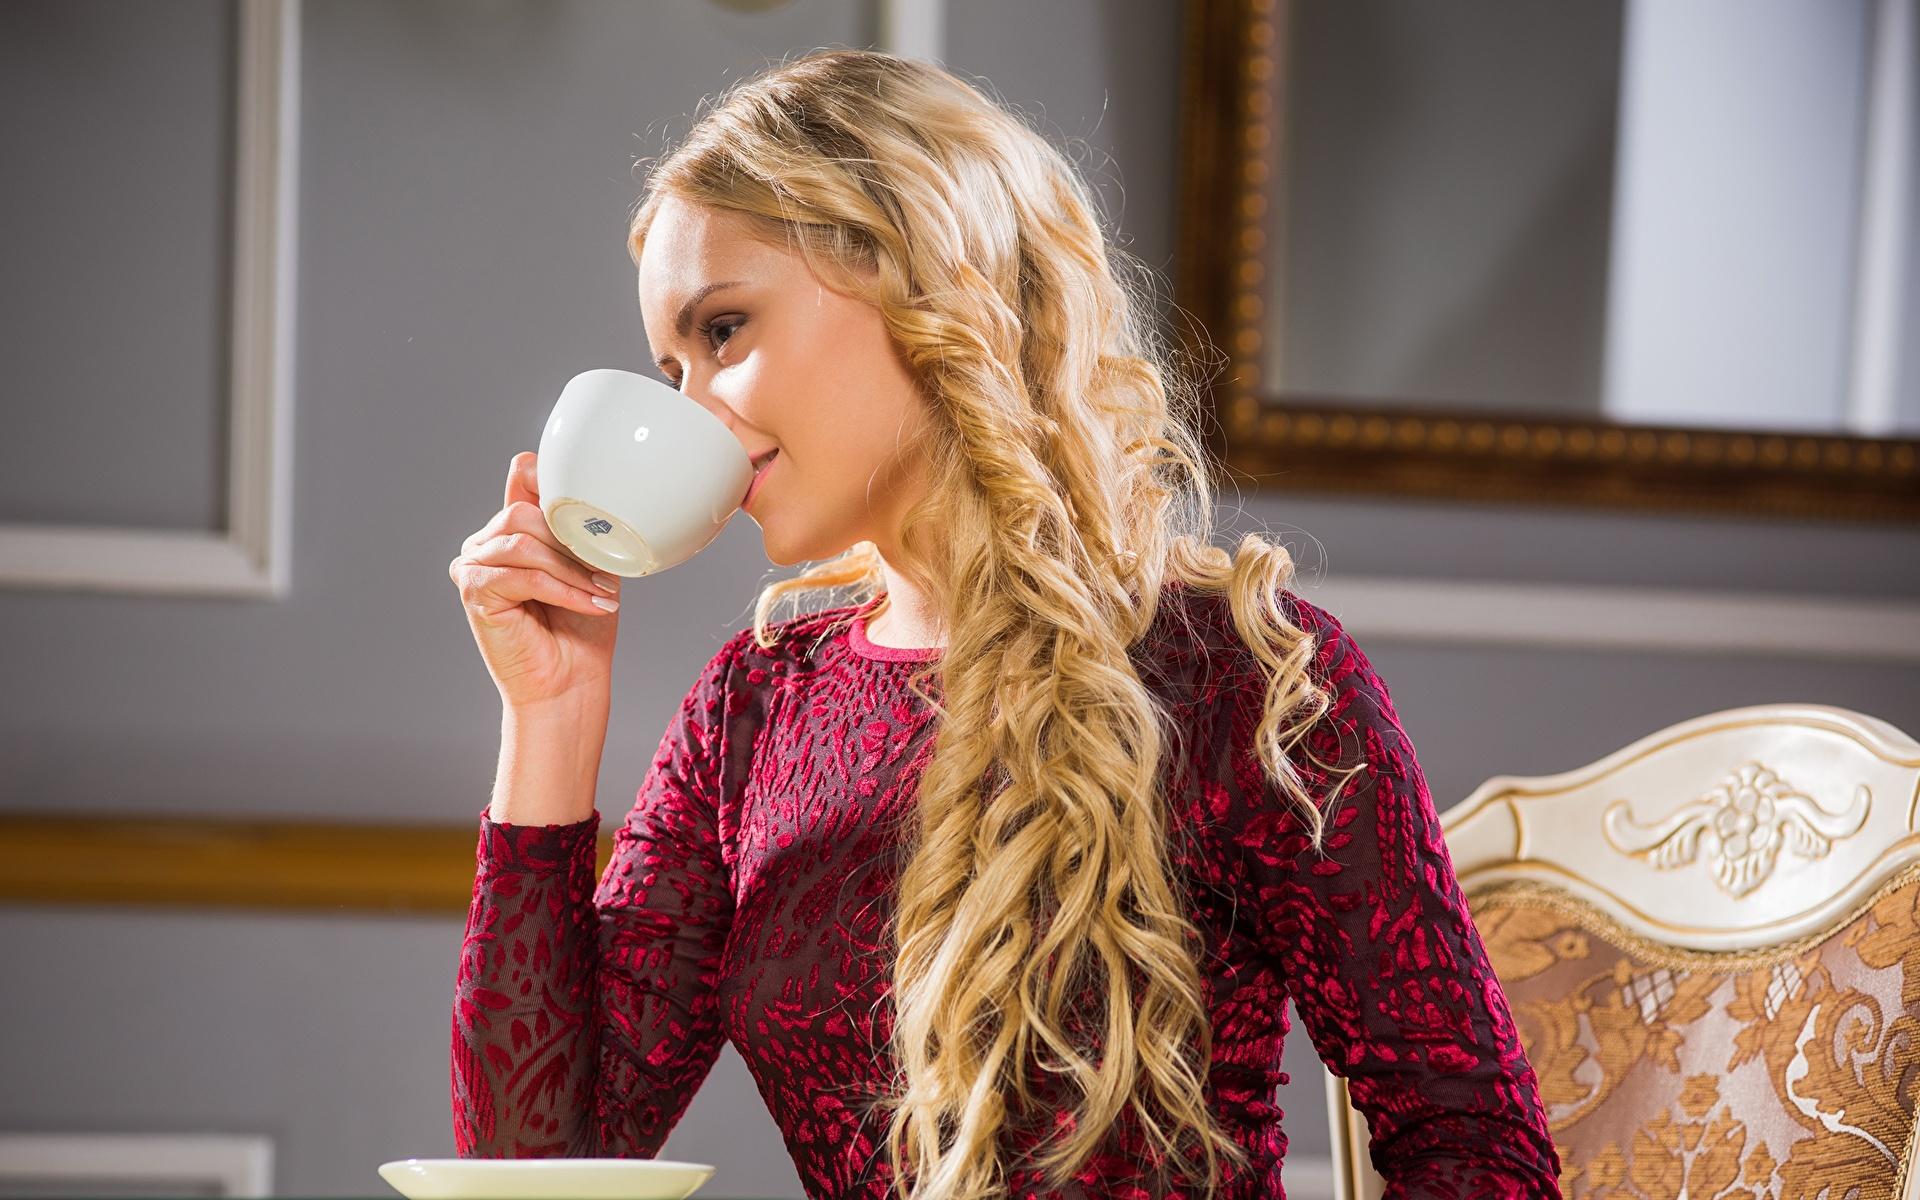 Фото блондинок Isabella Star пить прически Волосы молодые женщины Руки чашке 1920x1200 блондинки Блондинка Пьет Причёска волос девушка Девушки молодая женщина рука Чашка